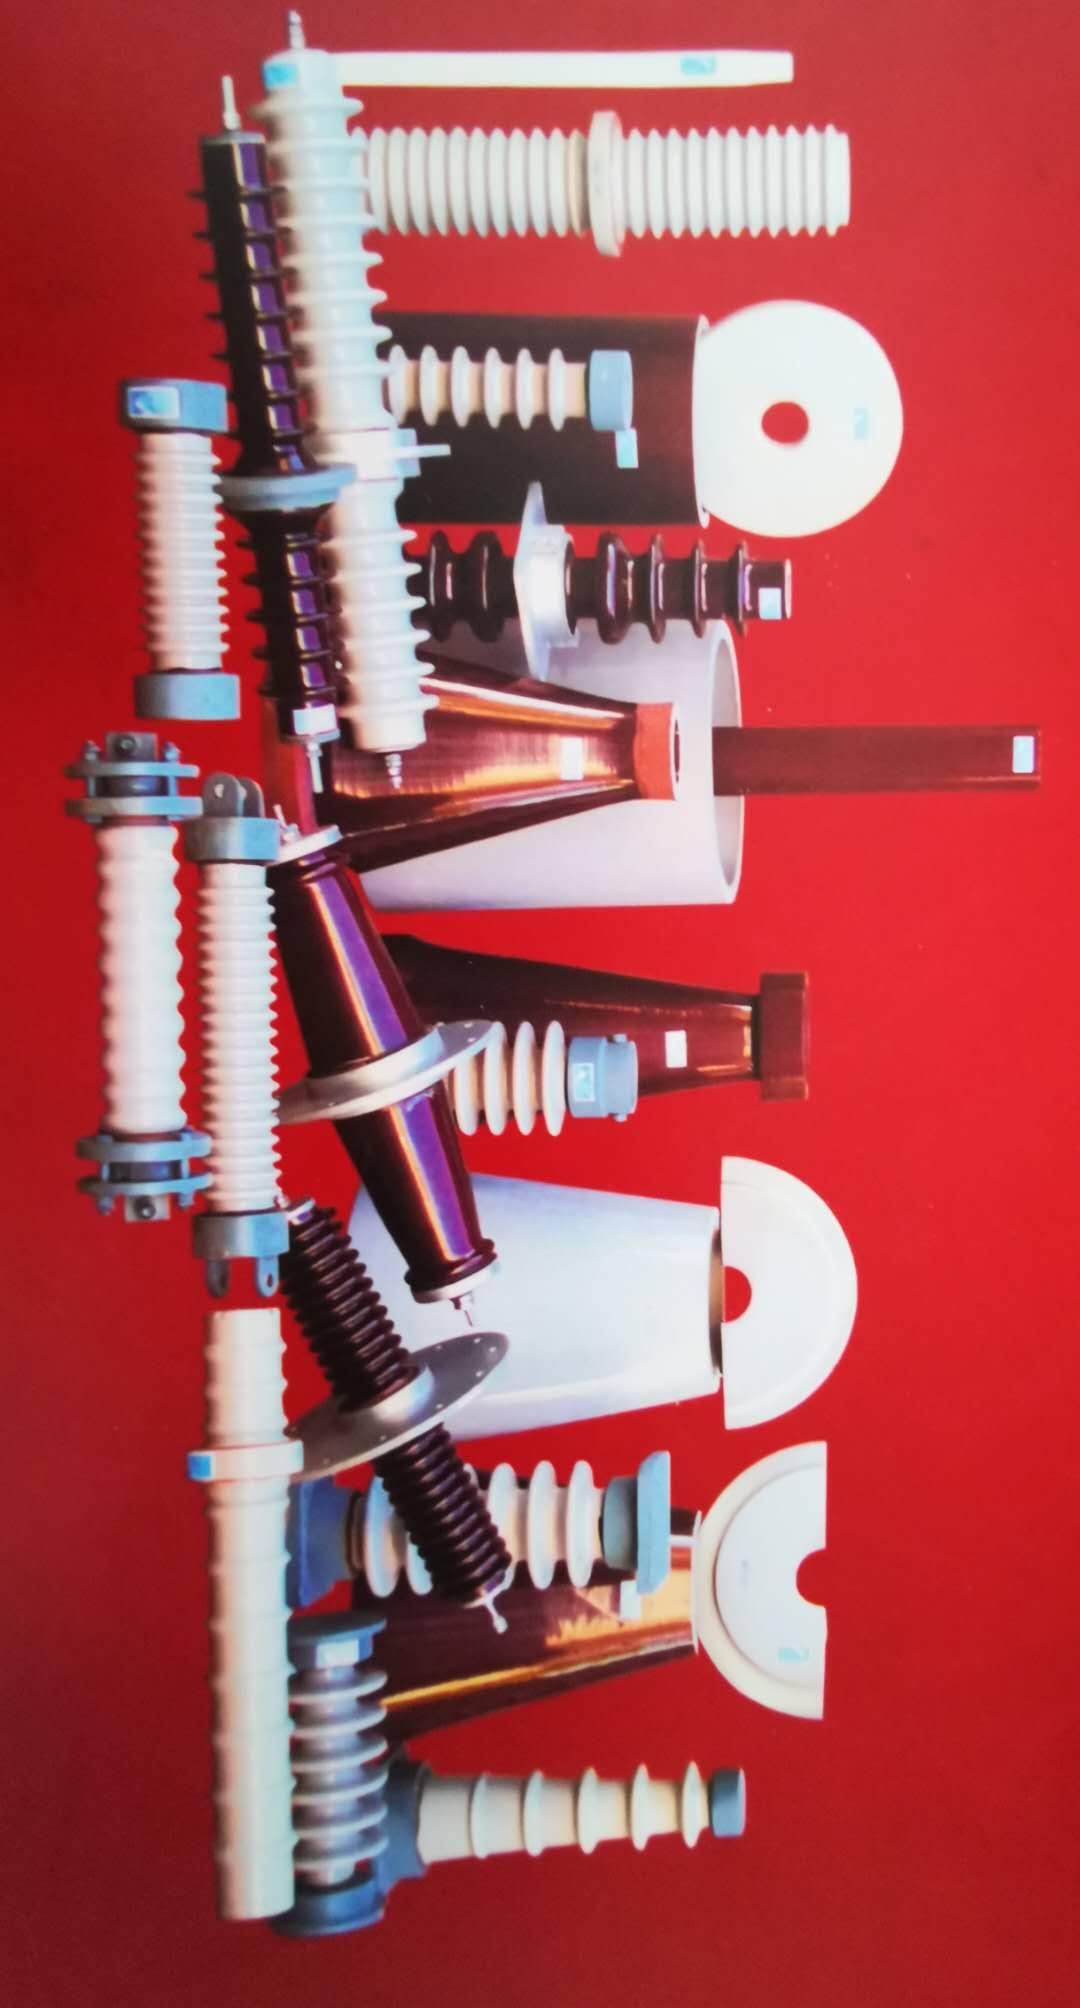 高压电力瓷套 ES260600570ZX/72KV,480mm*380mm,材质电磁白釉,电晕